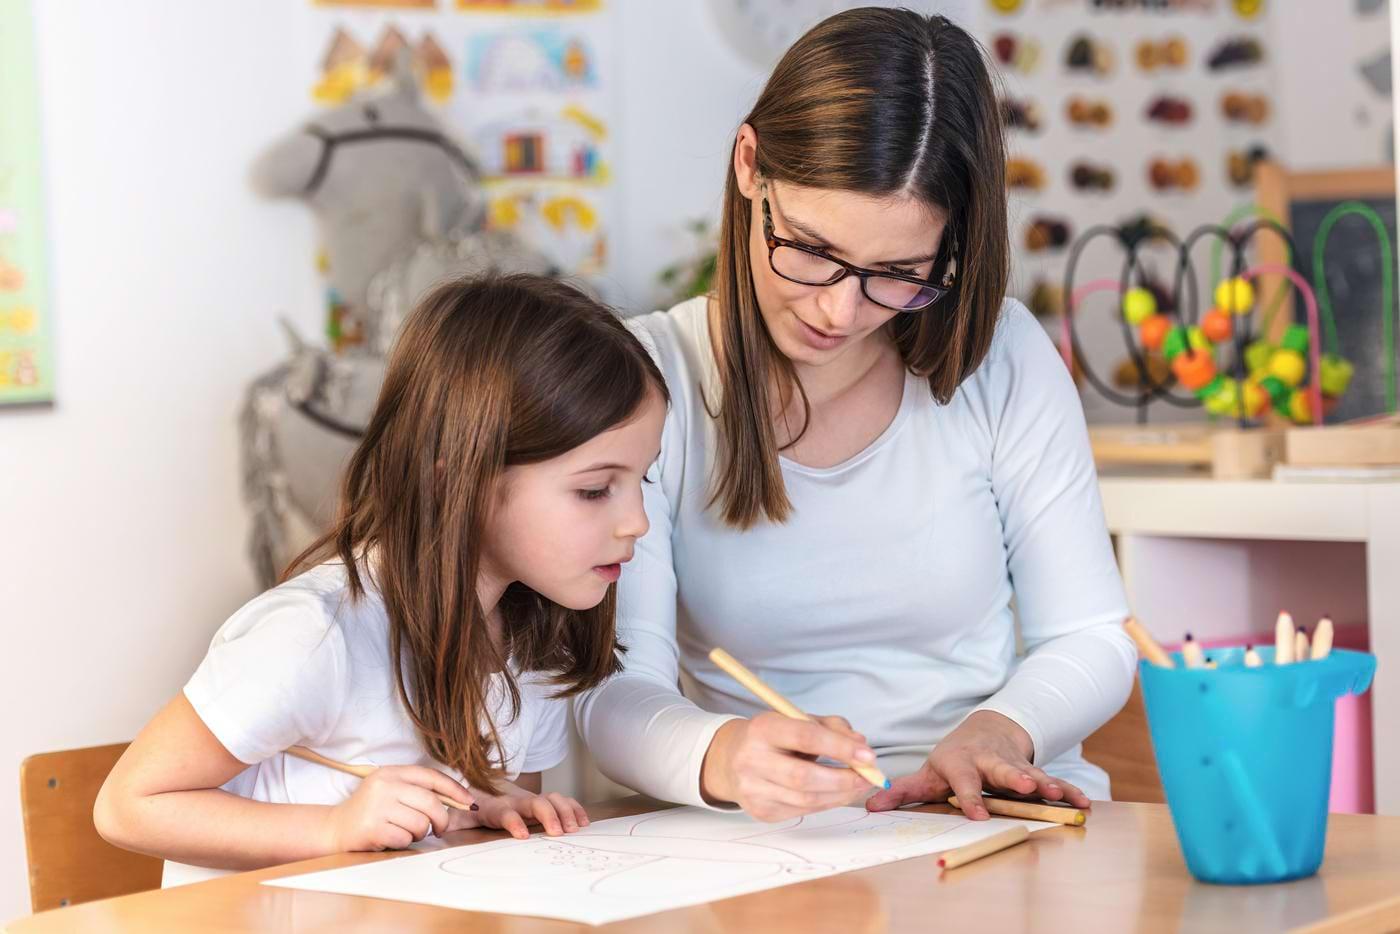 Copiii, mai buni decât adulţii în unele situaţii de învăţare [studiu]